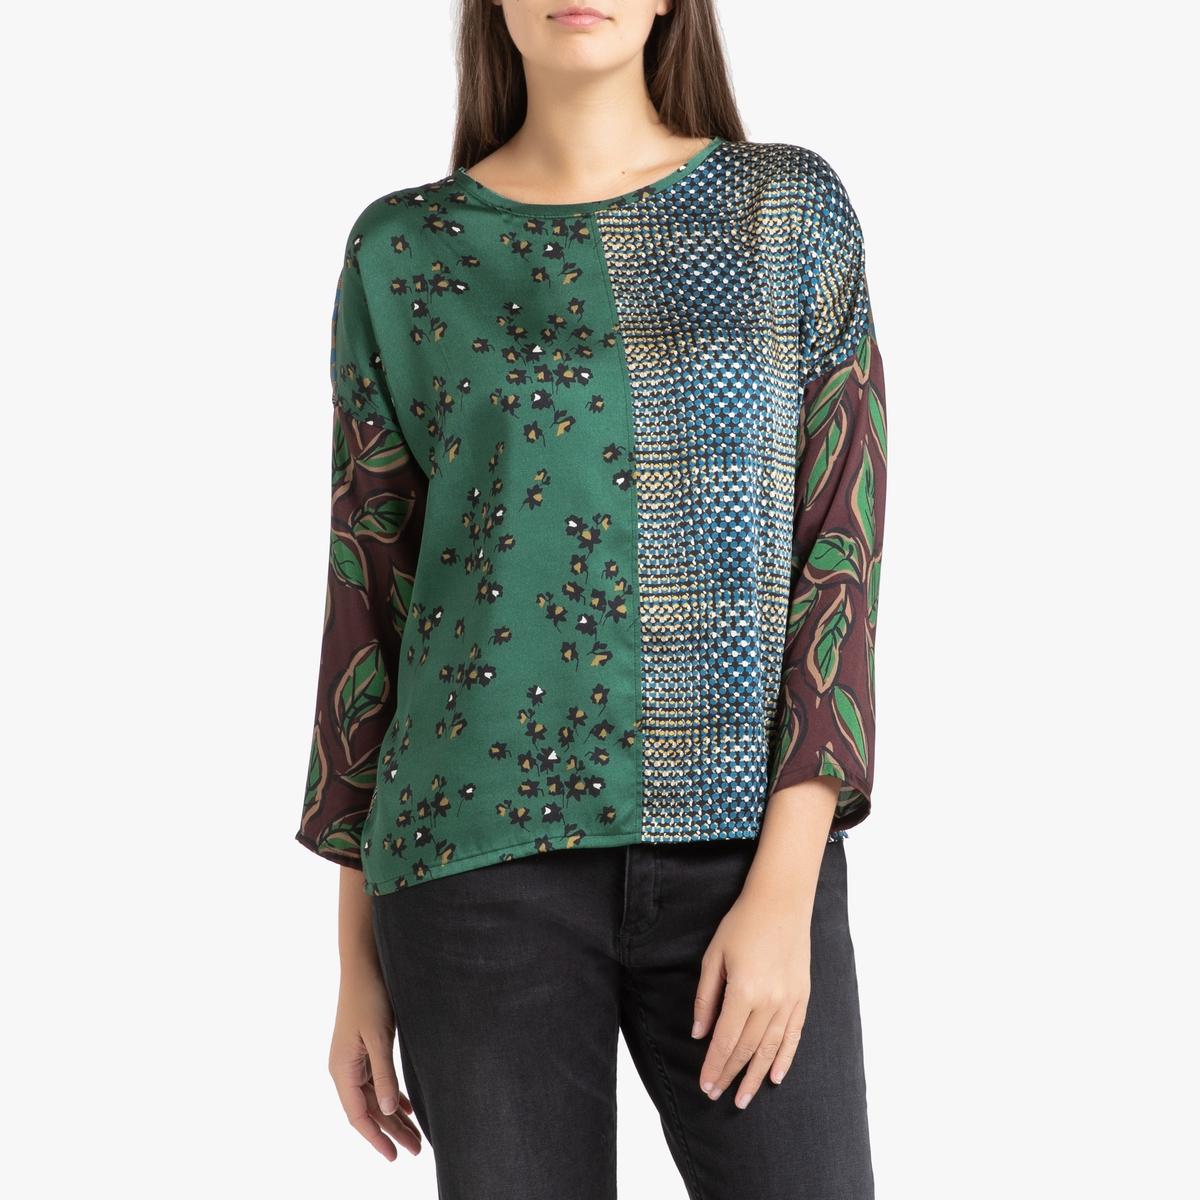 Блузка La Redoute С длинными рукавами TEVY S/M разноцветный блузка la redoute с круглым вырезом цветочным рисунком и длинными рукавами s черный